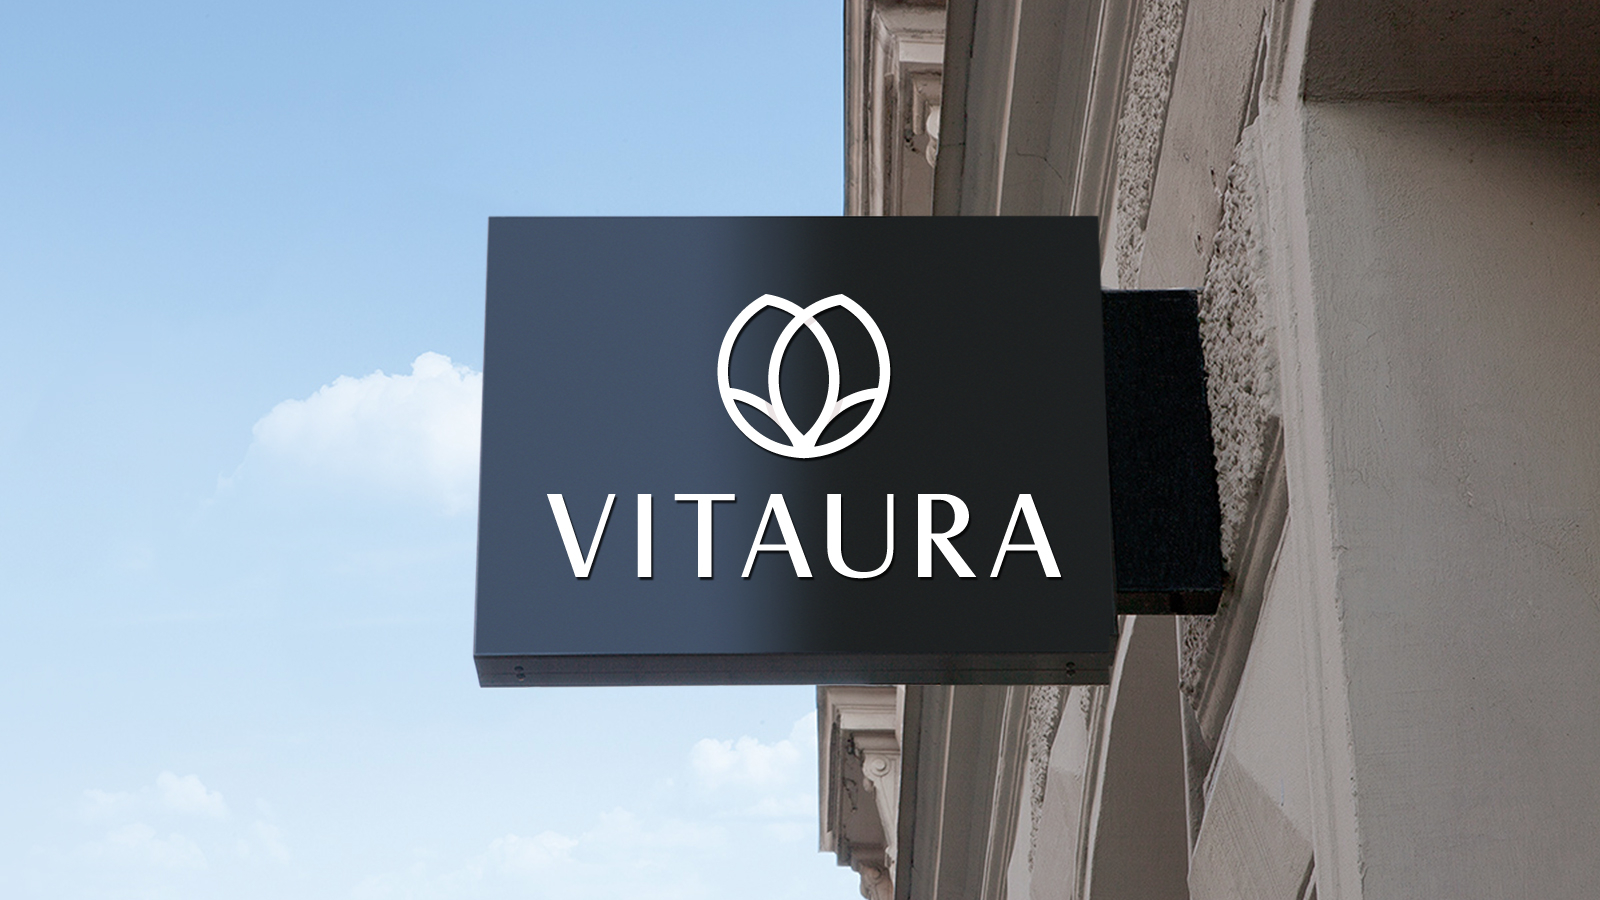 Лаконичный дизайн логотипа клиники Vitaura отлично работает в городской среде.